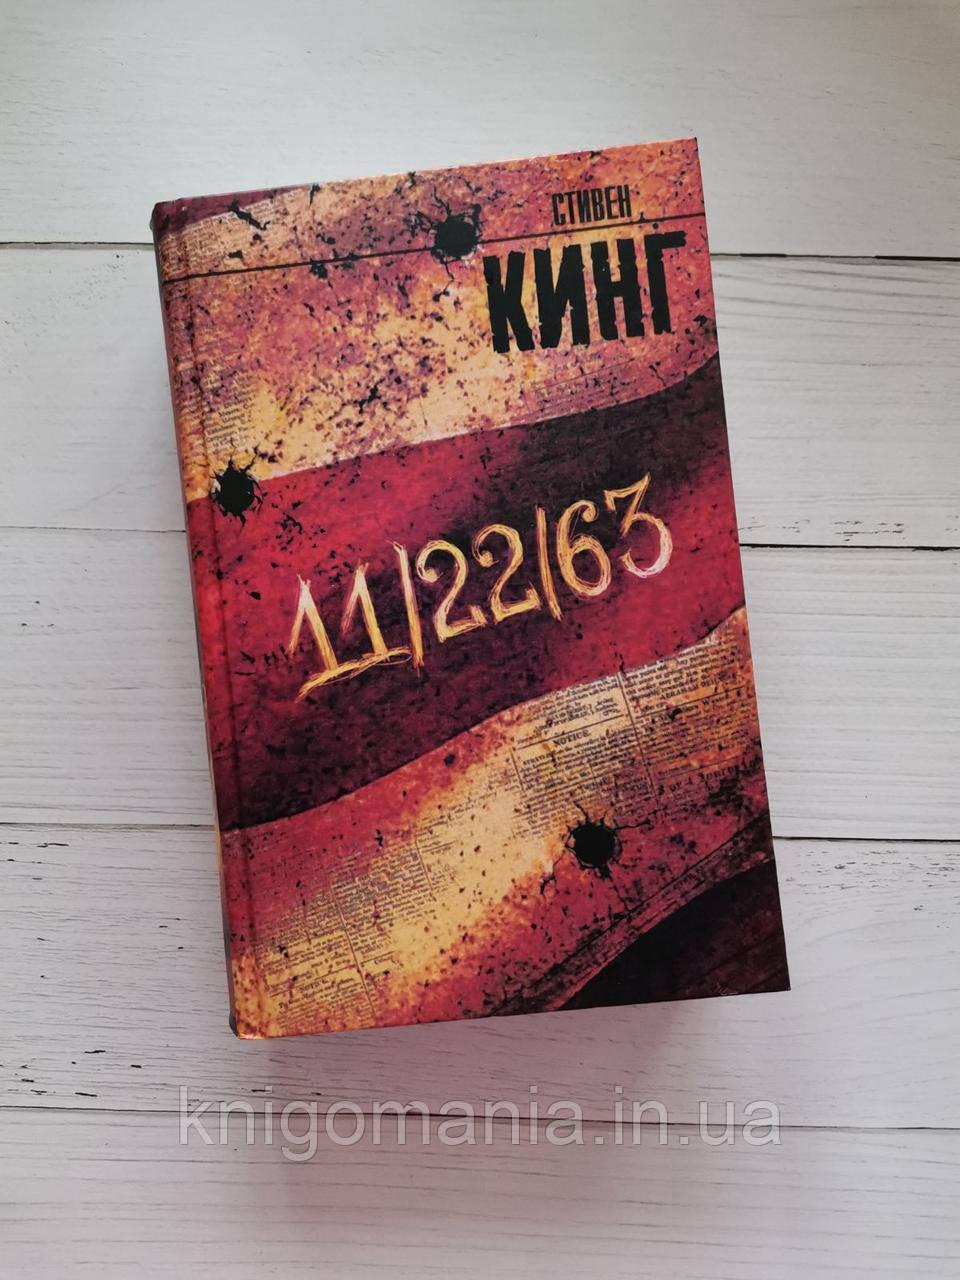 11/22/63 Стивен Кинг